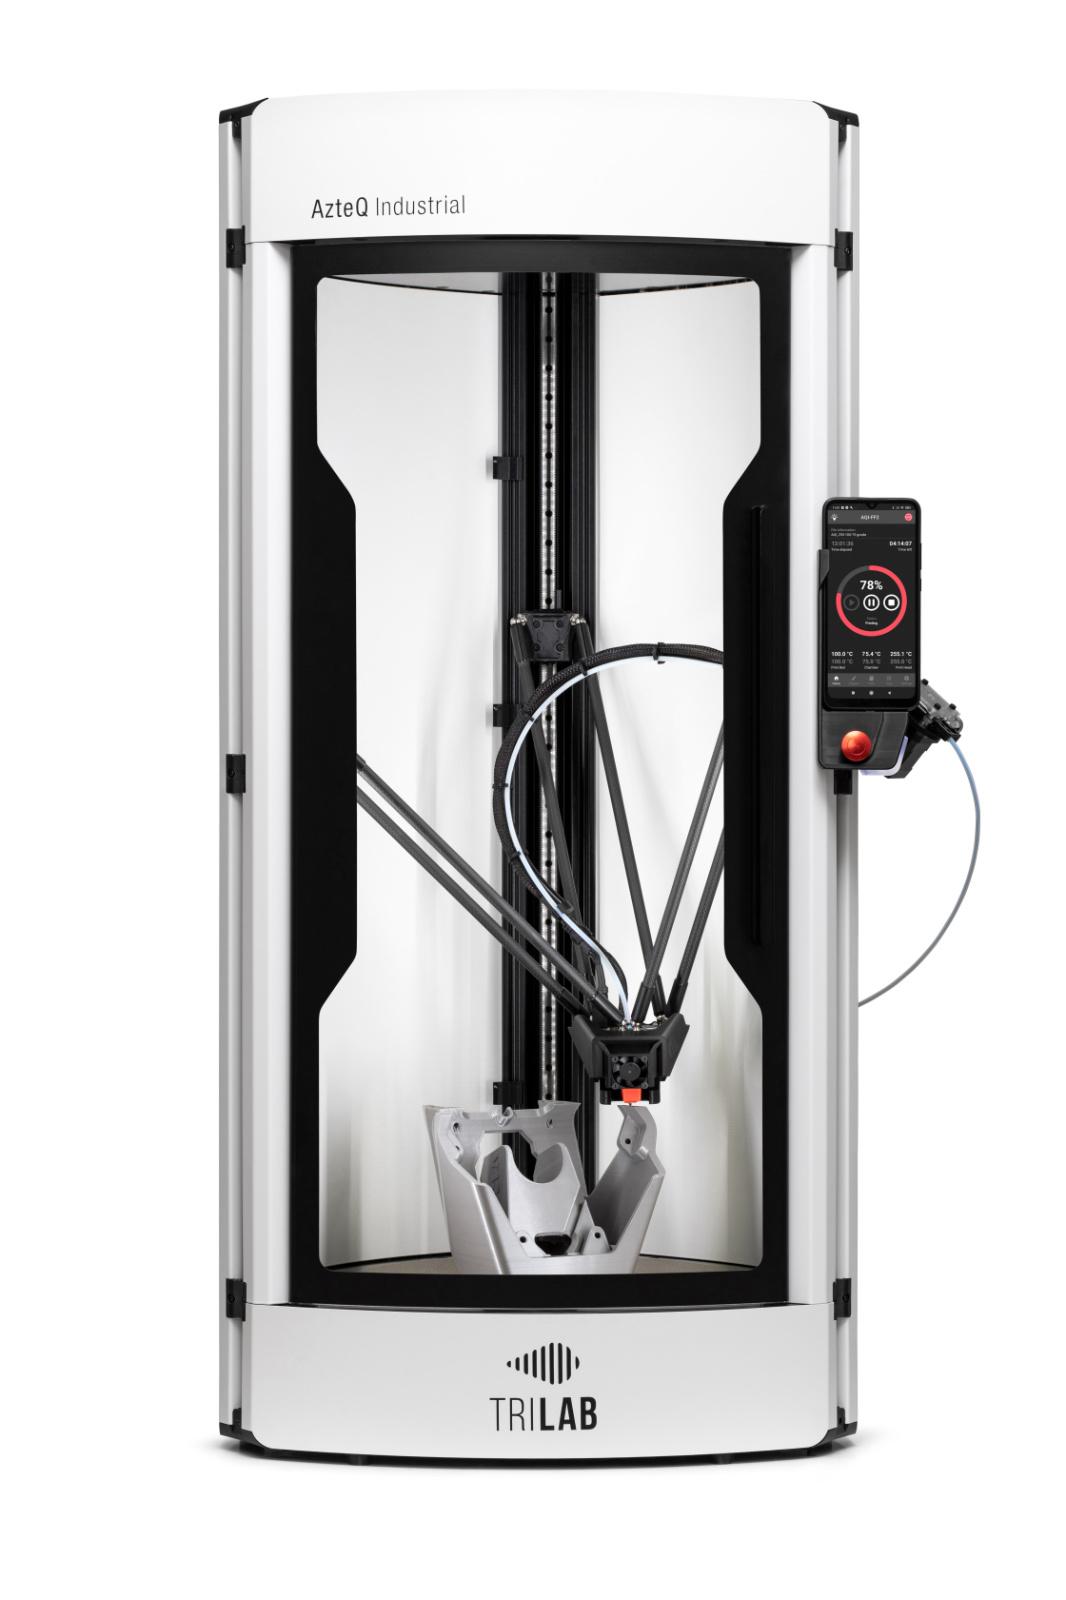 3D tiskárna TRILAB AzteQ Industrial